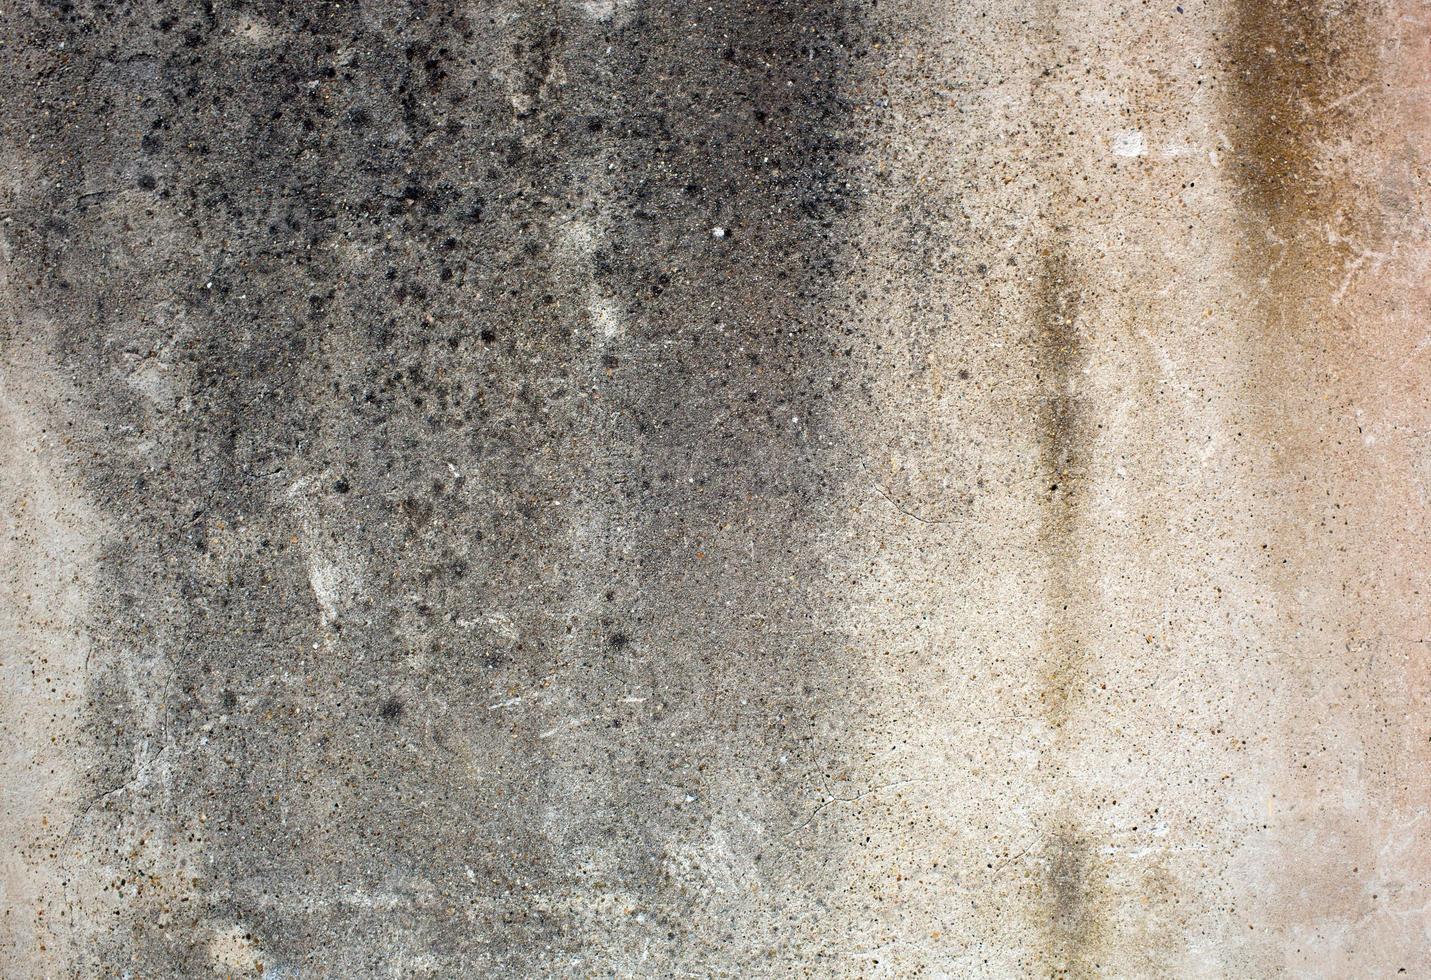 antiguo muro de hormigón con textura foto